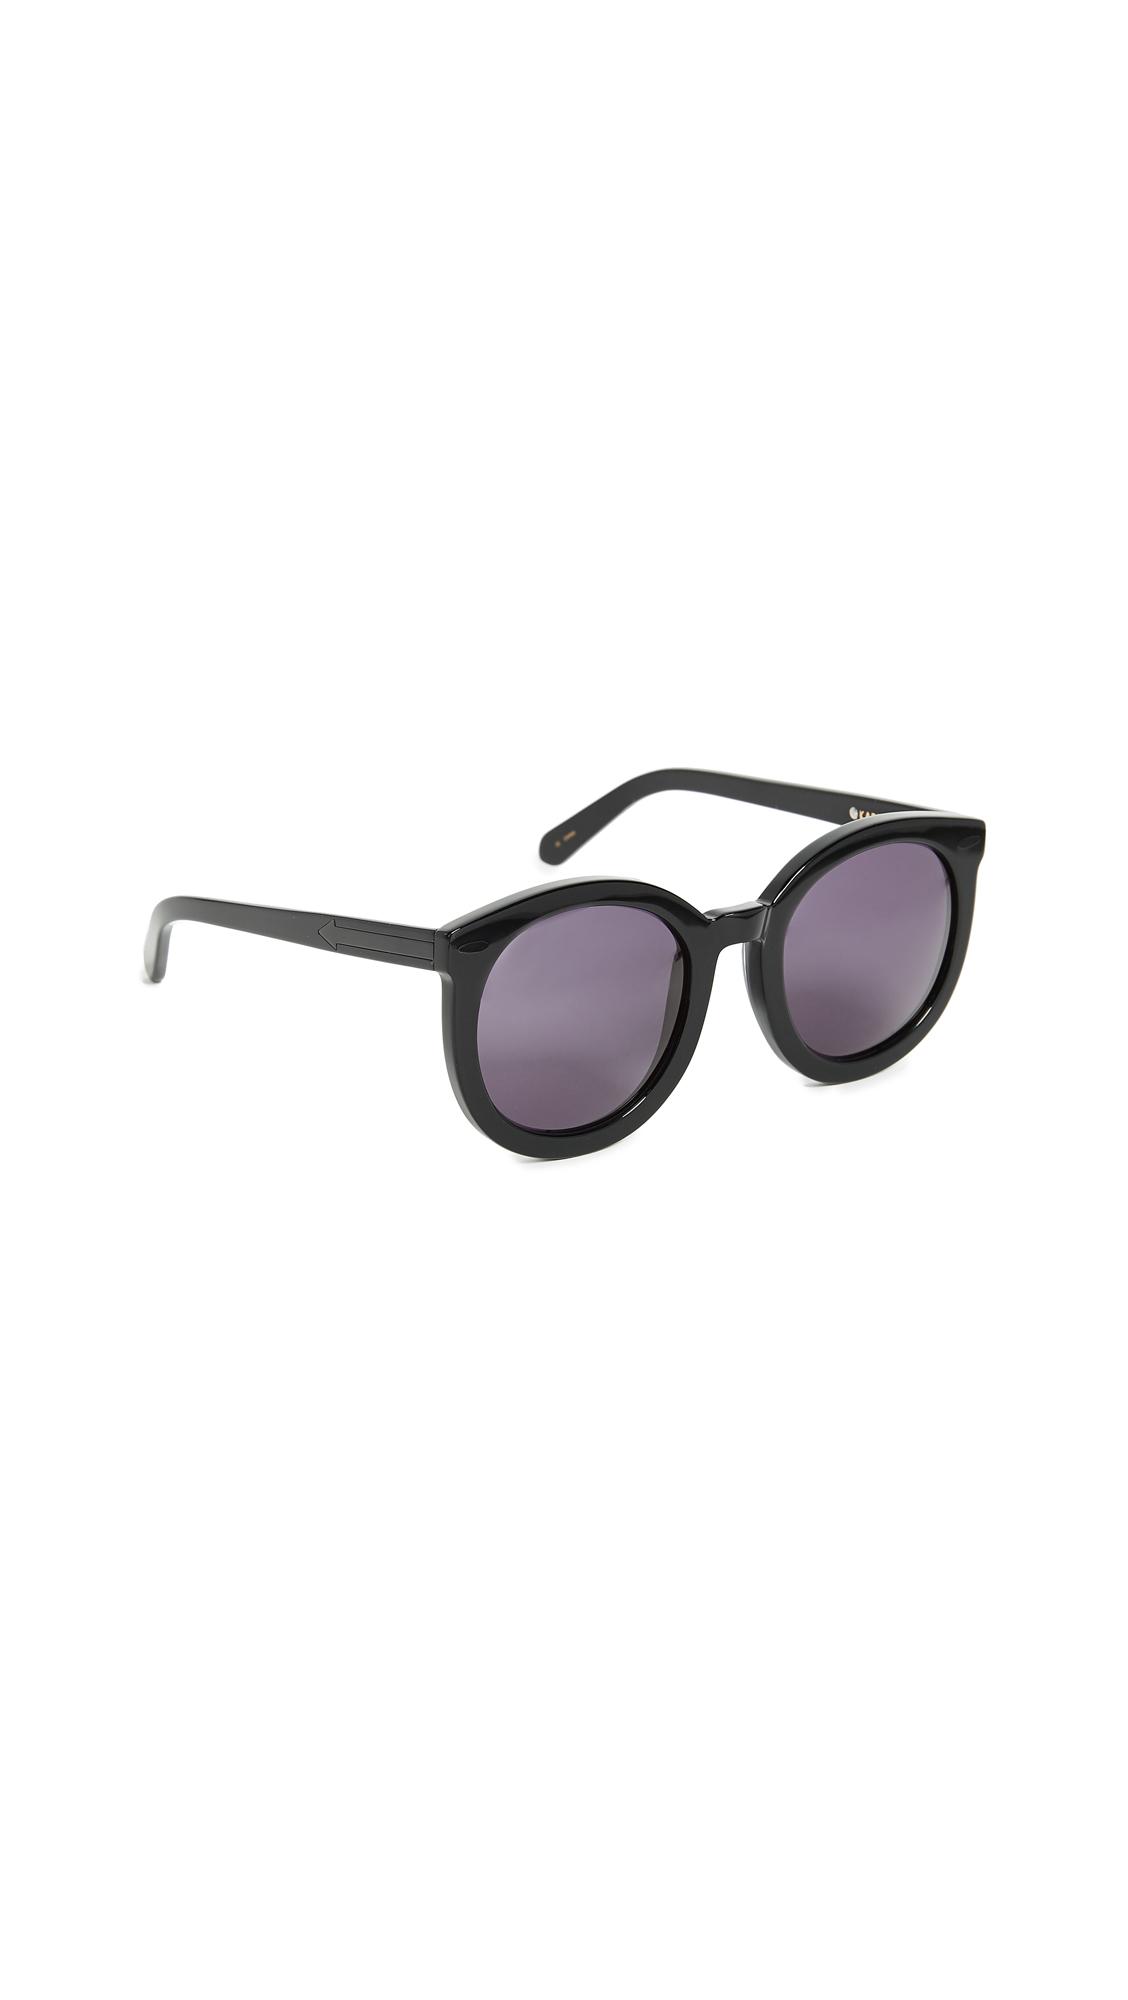 d1cc2060bbd6 Karen Walker Super Duper Strength Sunglasses